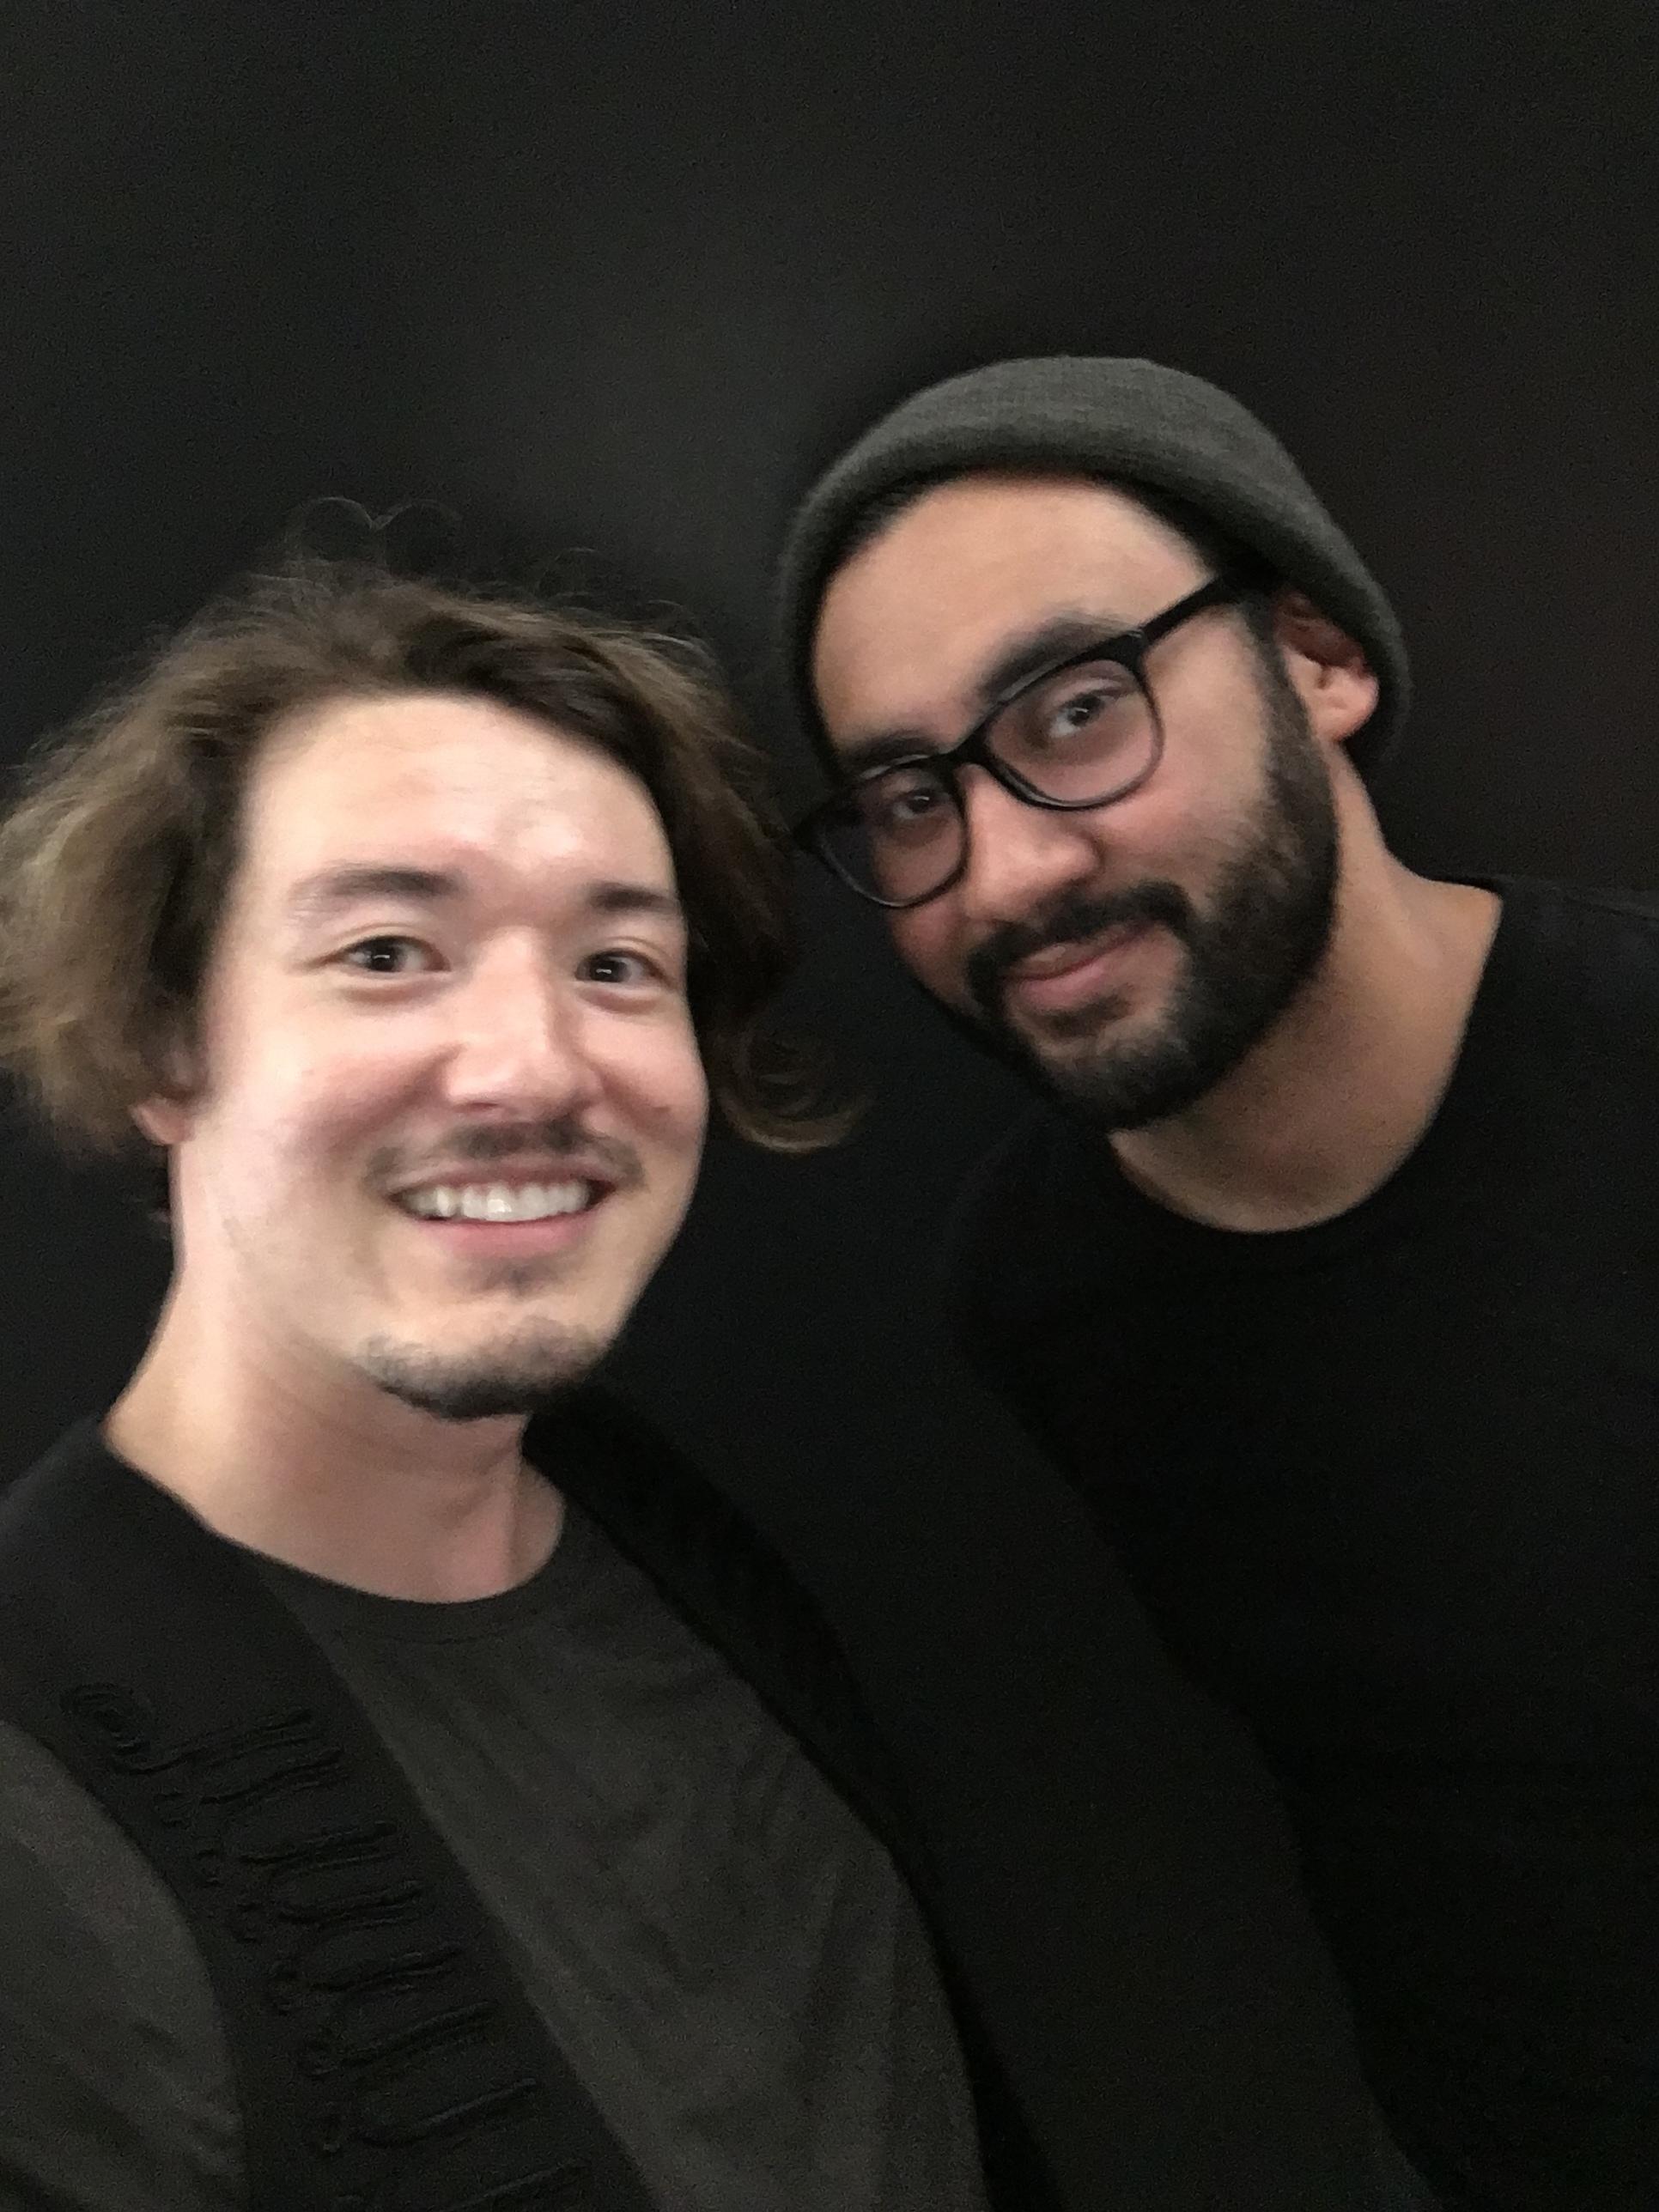 selfie with Joseph